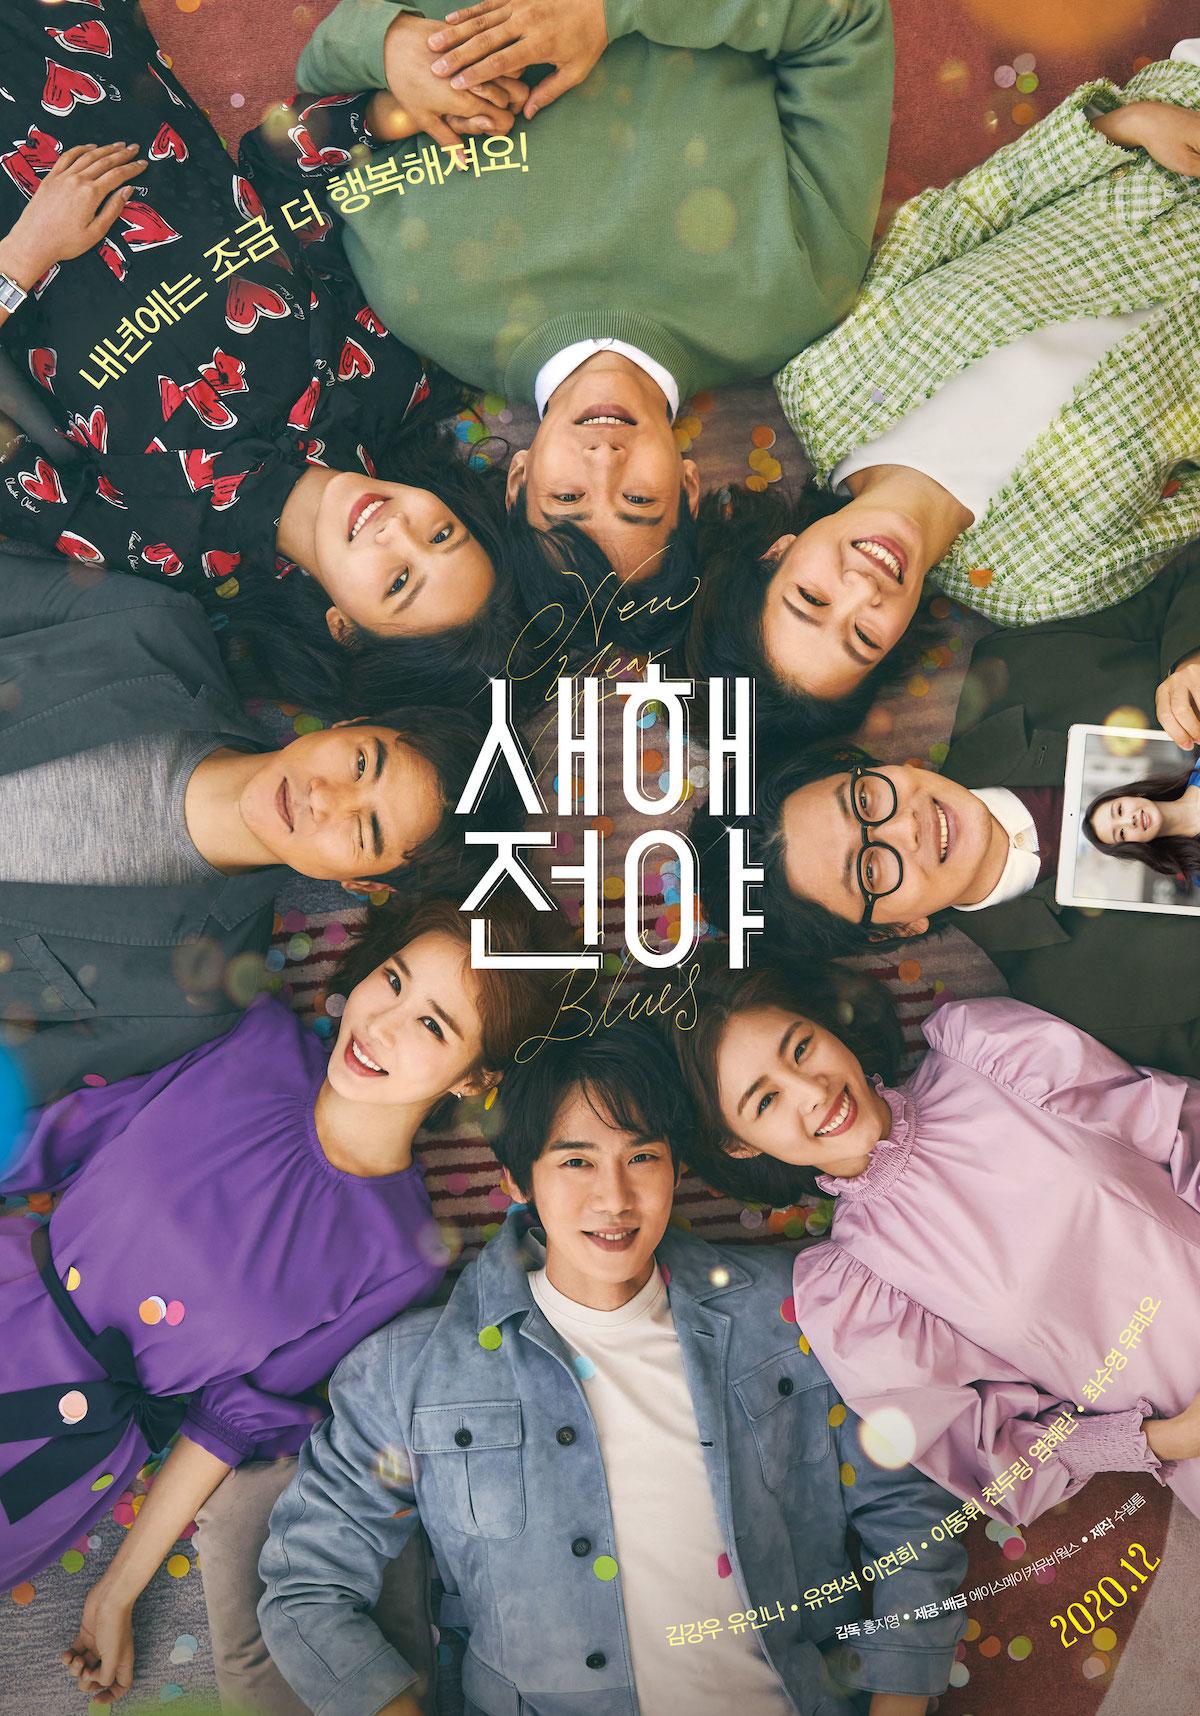 New Year Blues 2021 South Korea Hong Ji-young Kim Kang-woo Yoo Yeon-seok You In-na  Drama, Romance